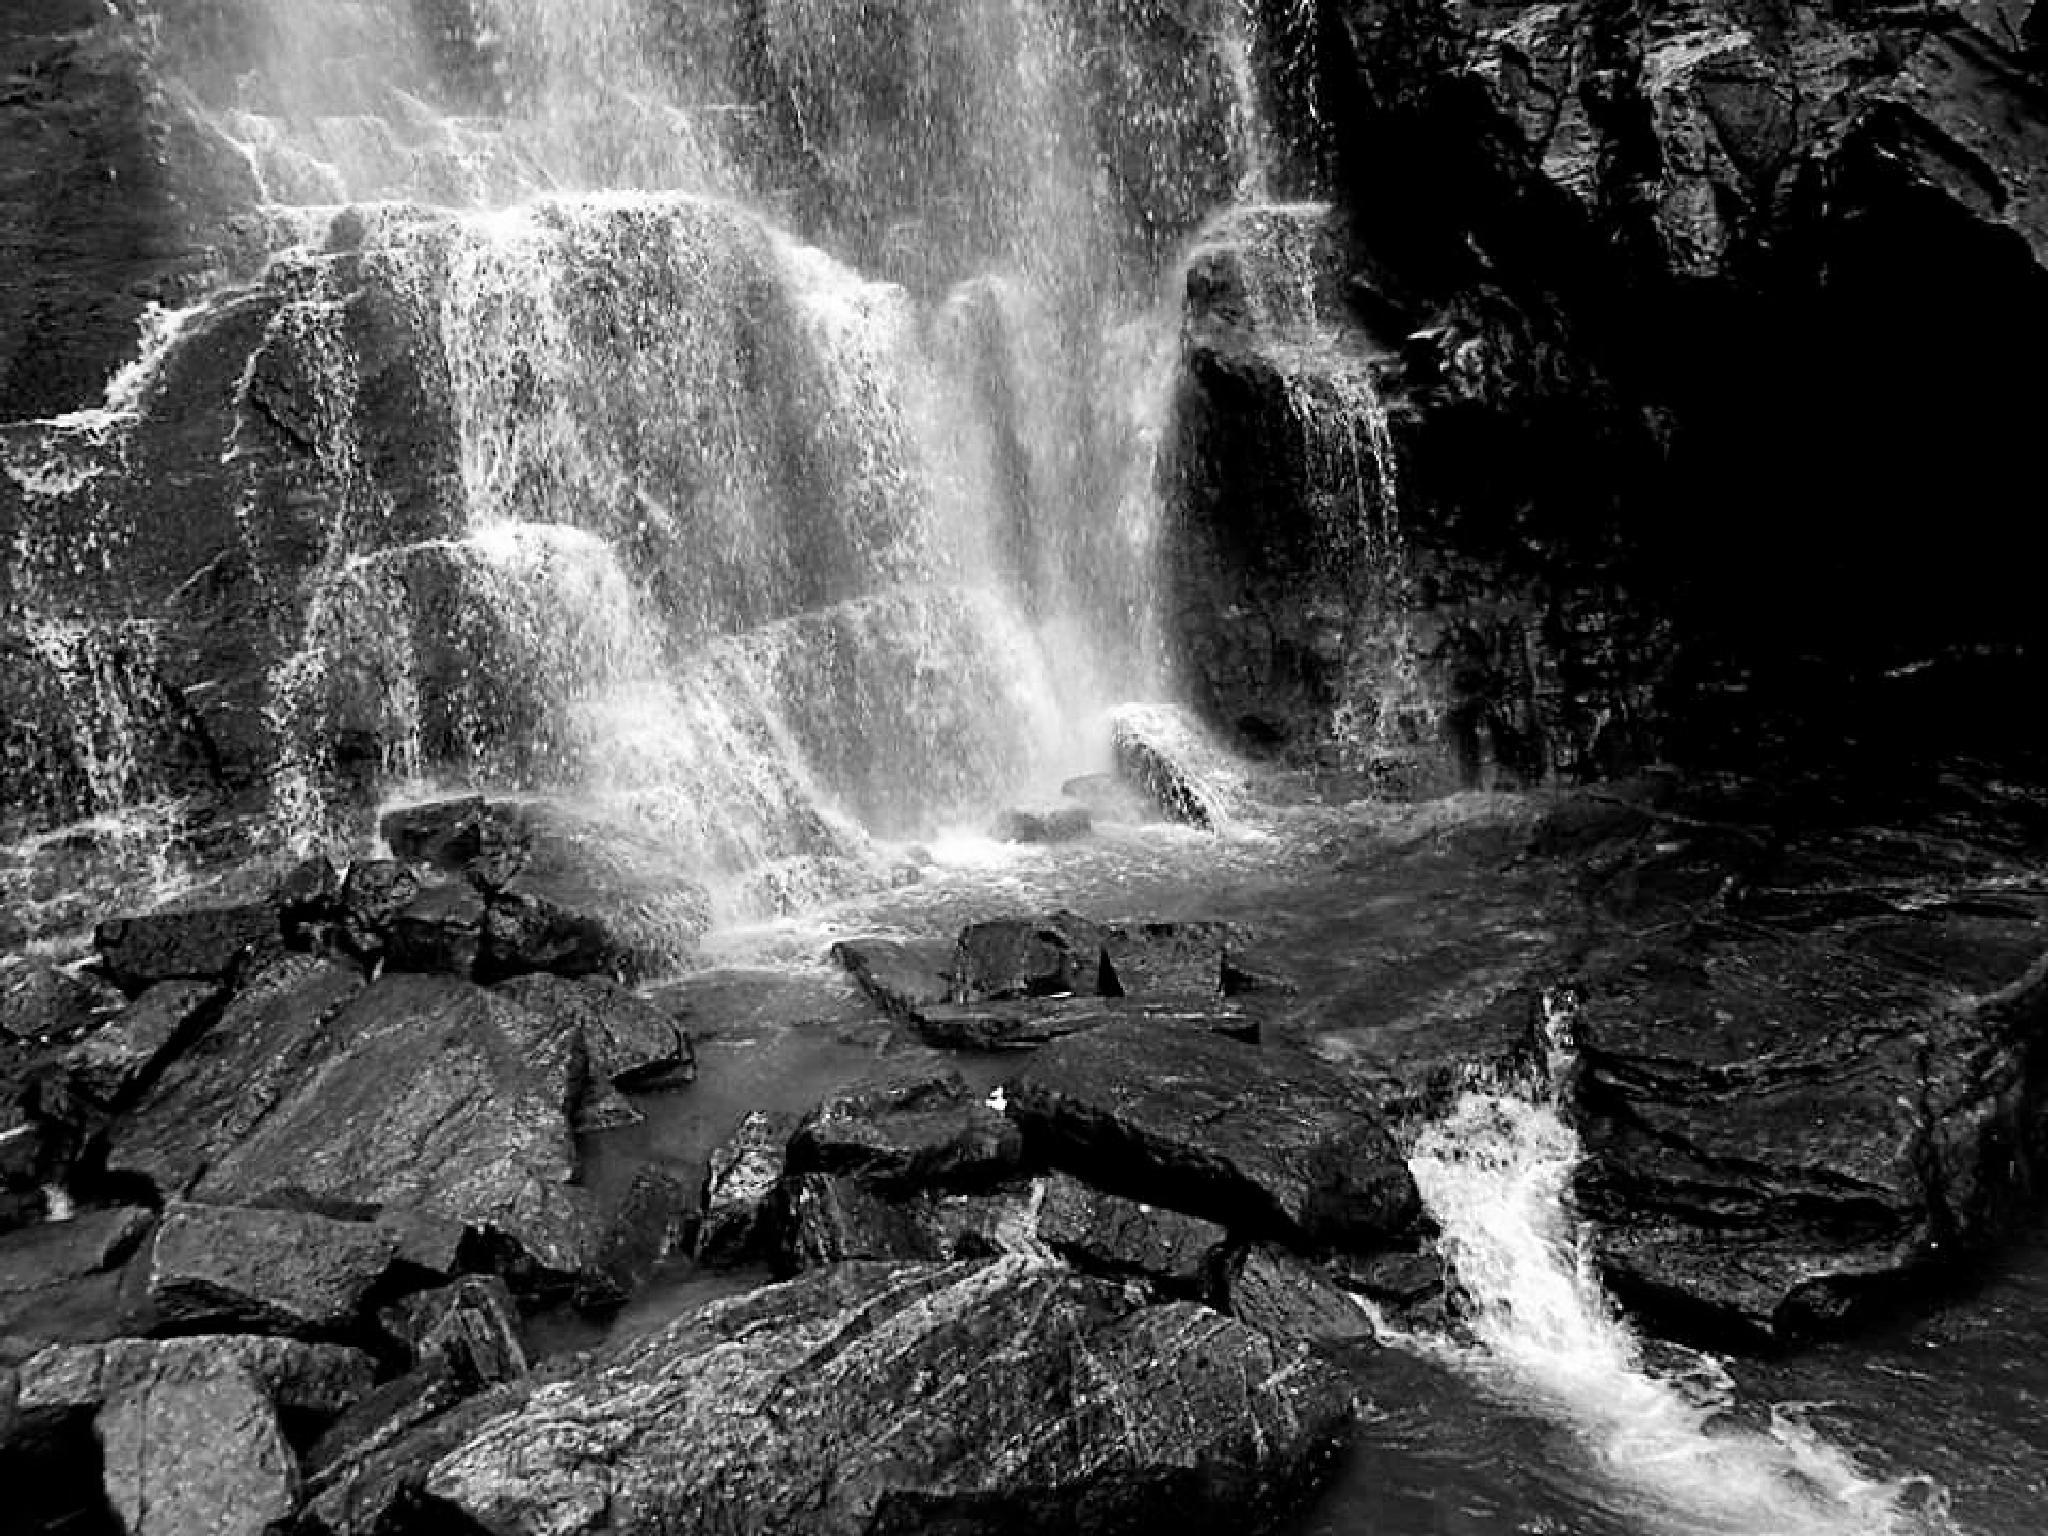 Waterfall into Rocks. by Chelsey Elizabeth